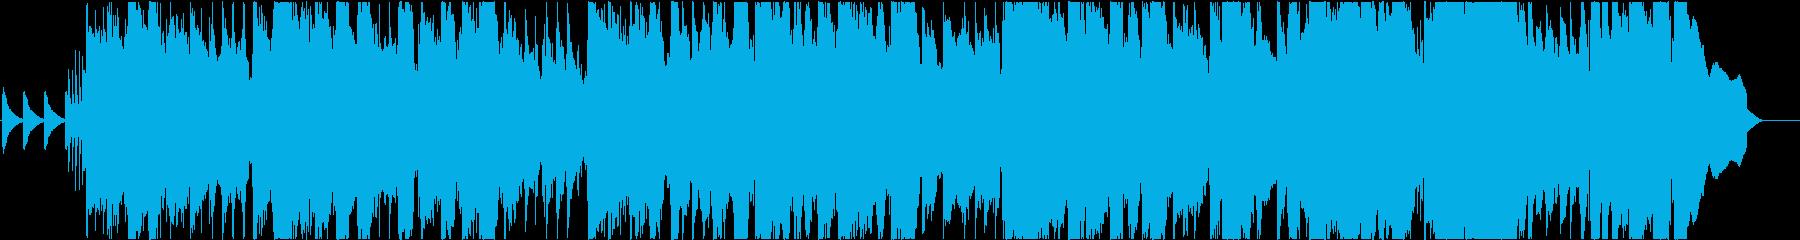 90年代JーPOP風BGM/エレキギターの再生済みの波形